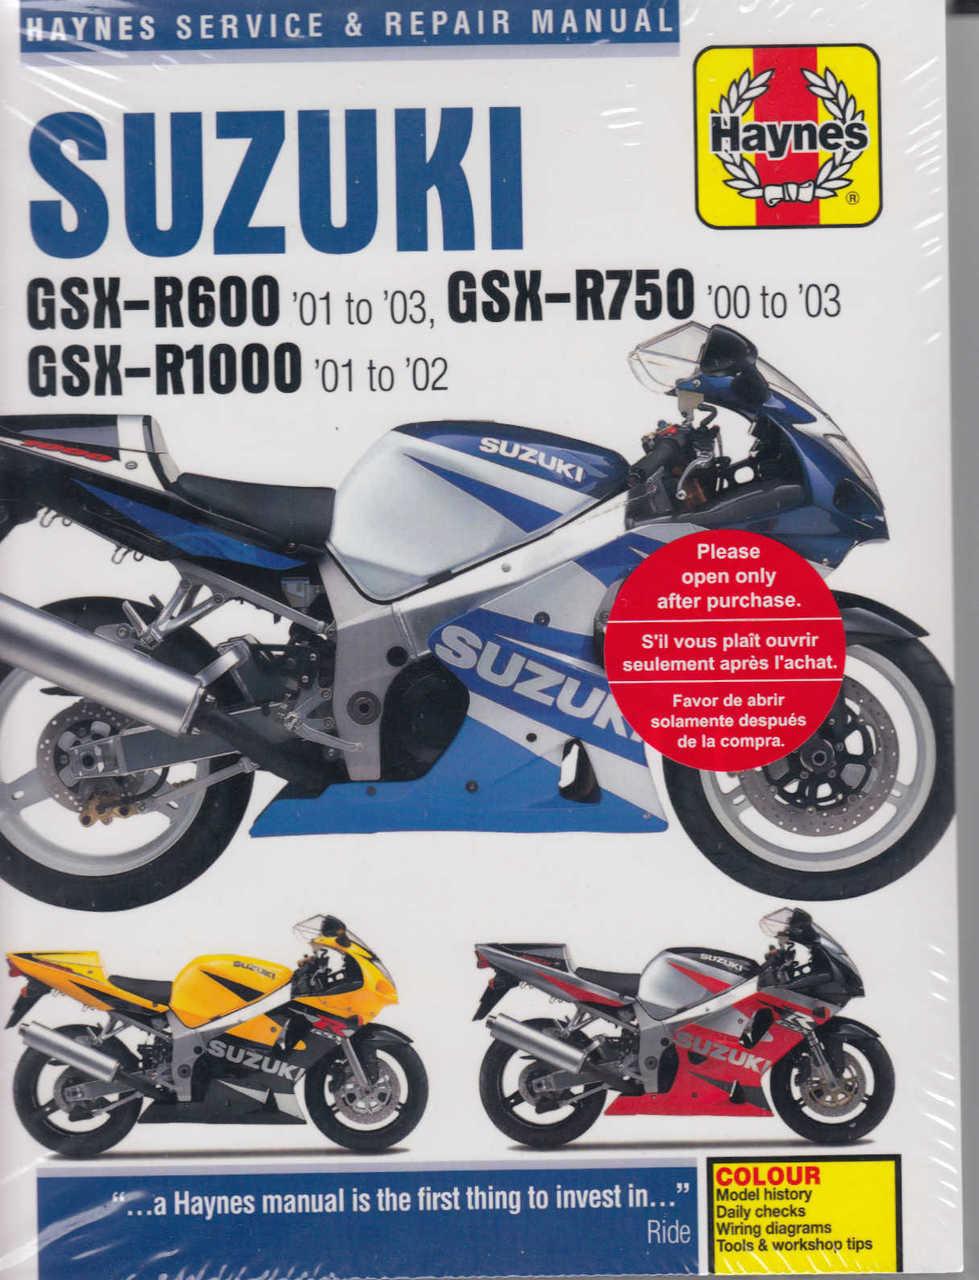 suzuki gsx r600, r1000, r750 2000 2003 workshop manual wiring gsx diagram suzuki 1997 r600v